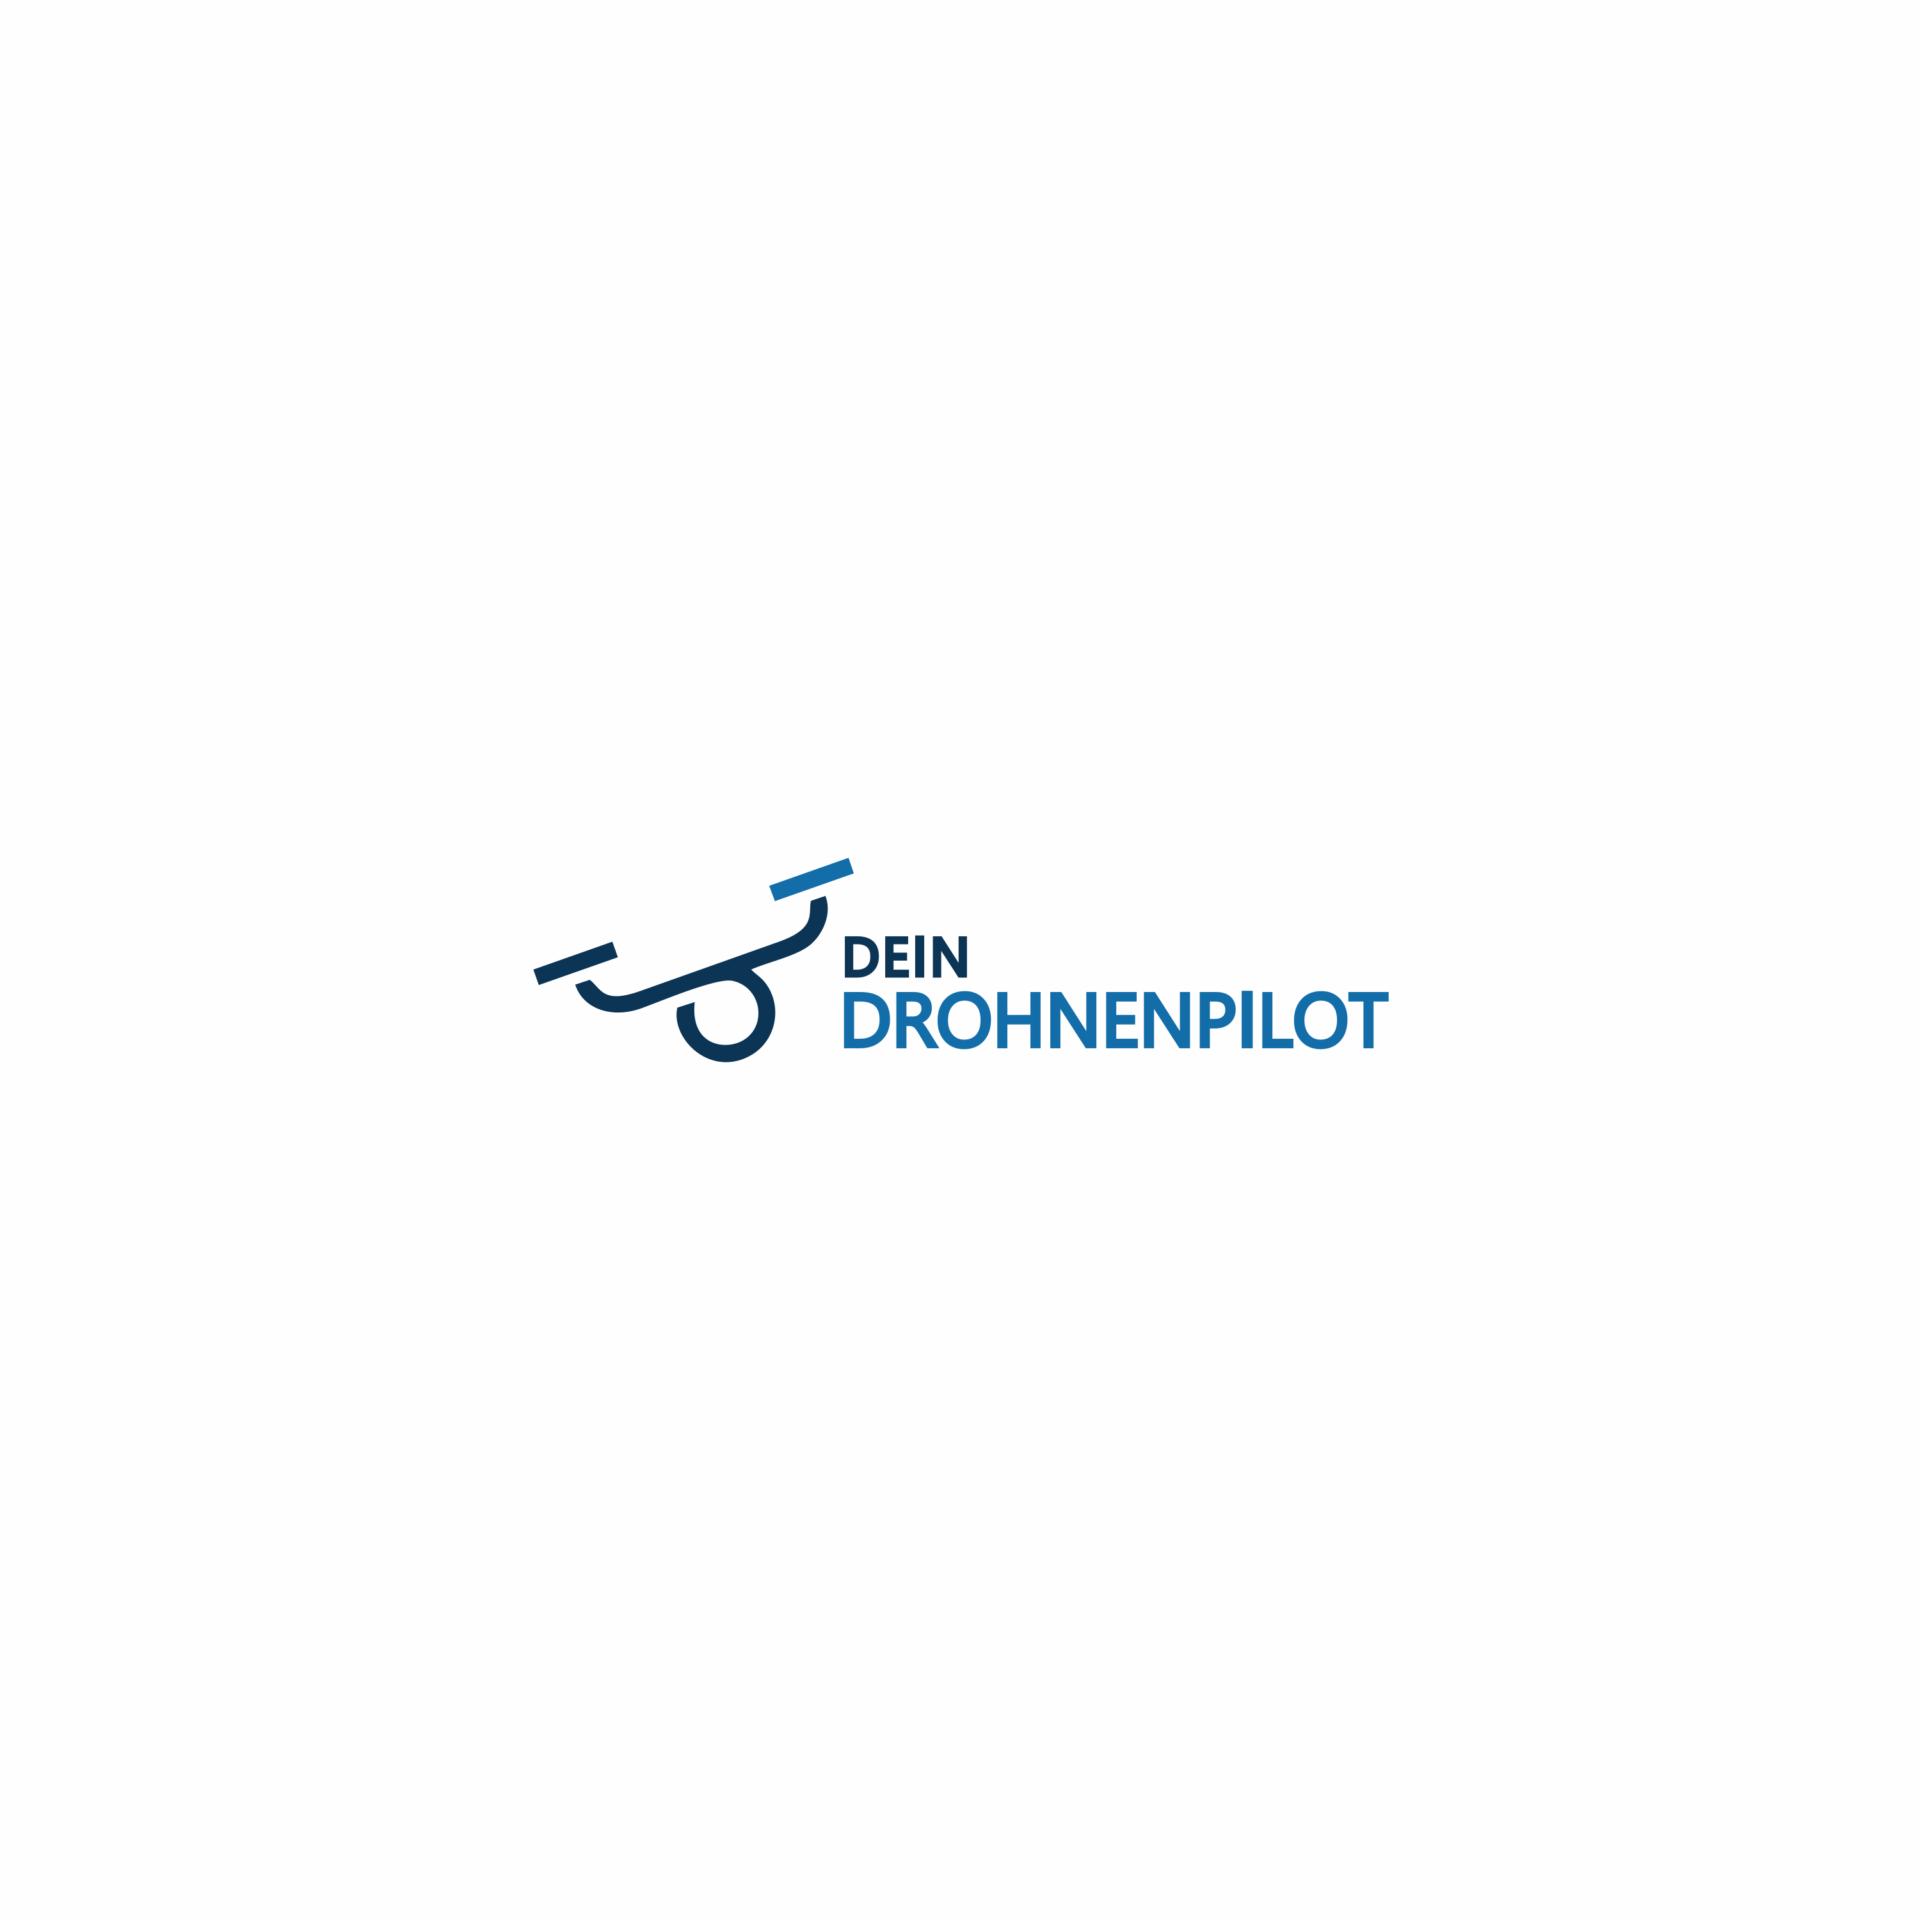 DeinDrohnenpilot-logo